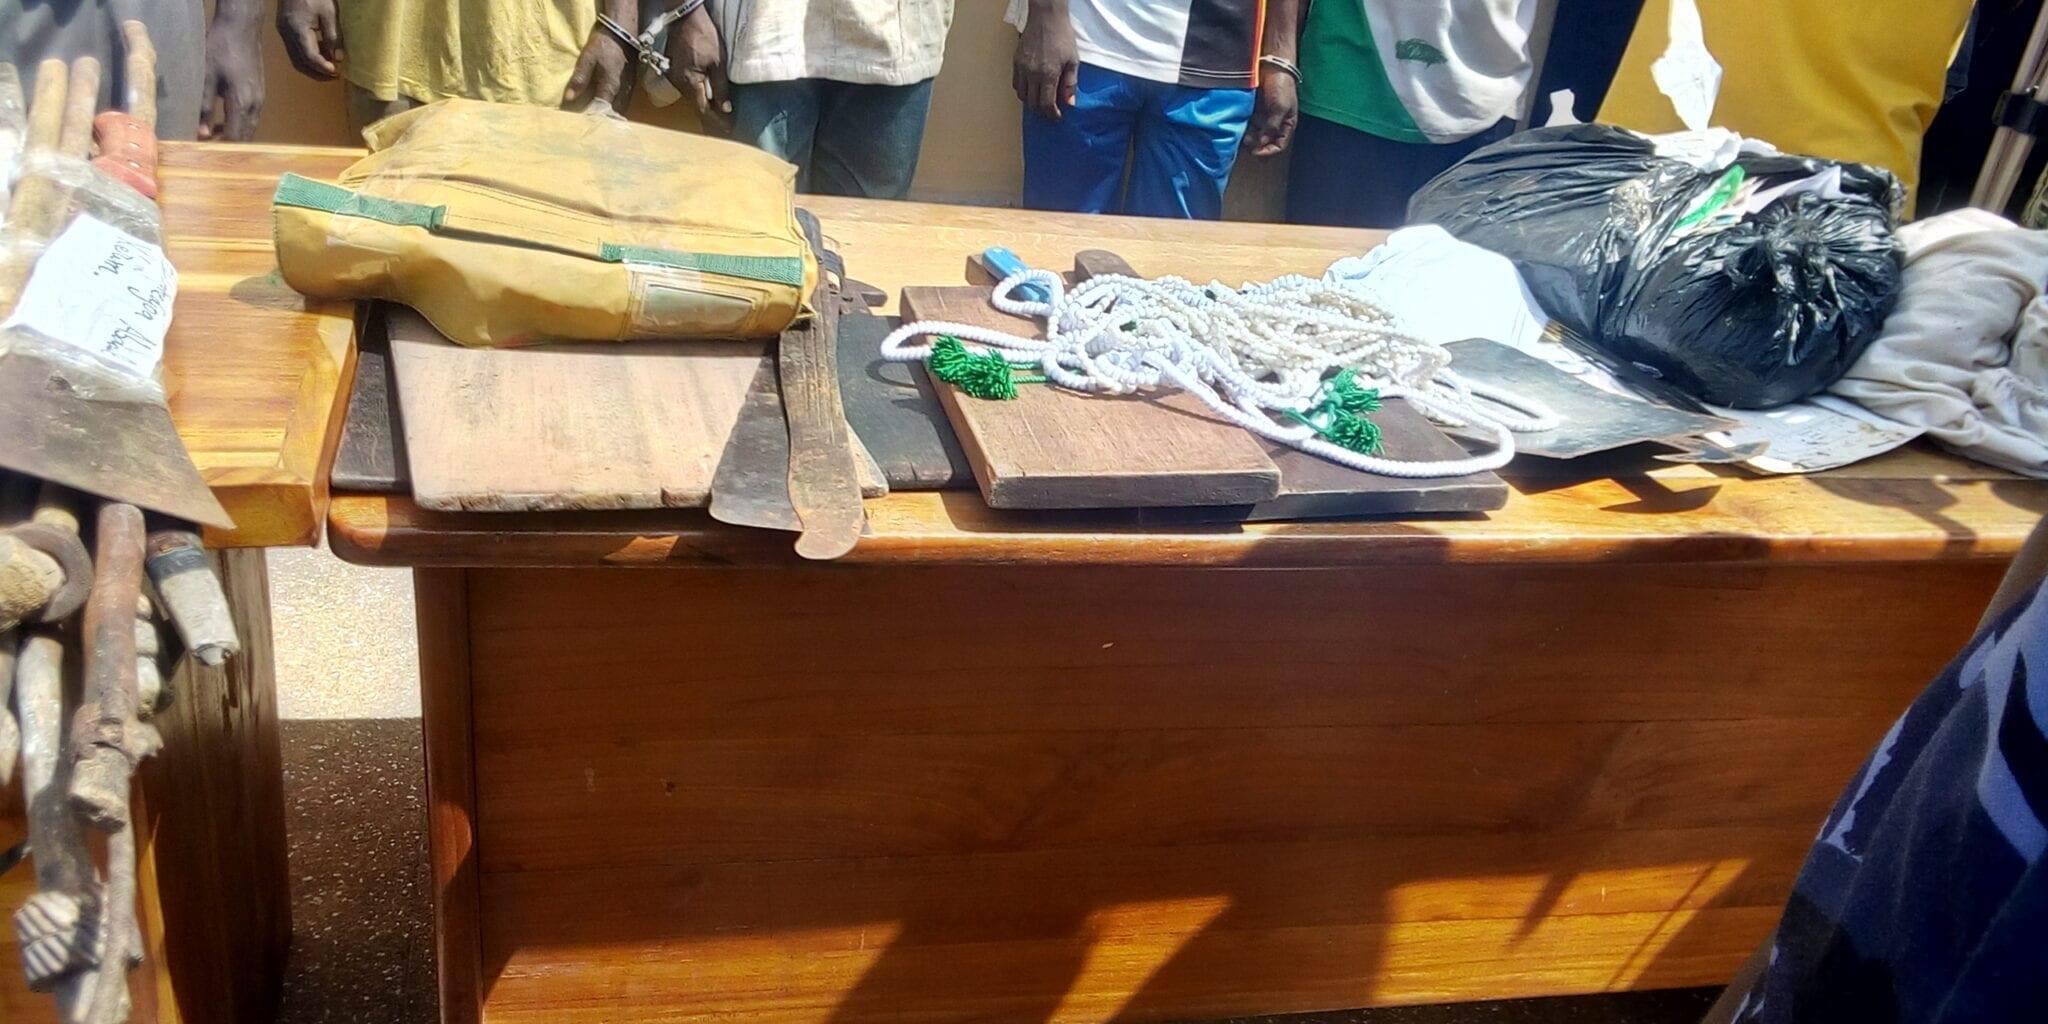 Togo : Les présumés auteurs de la récente tentative d'insurrection sont interpellés